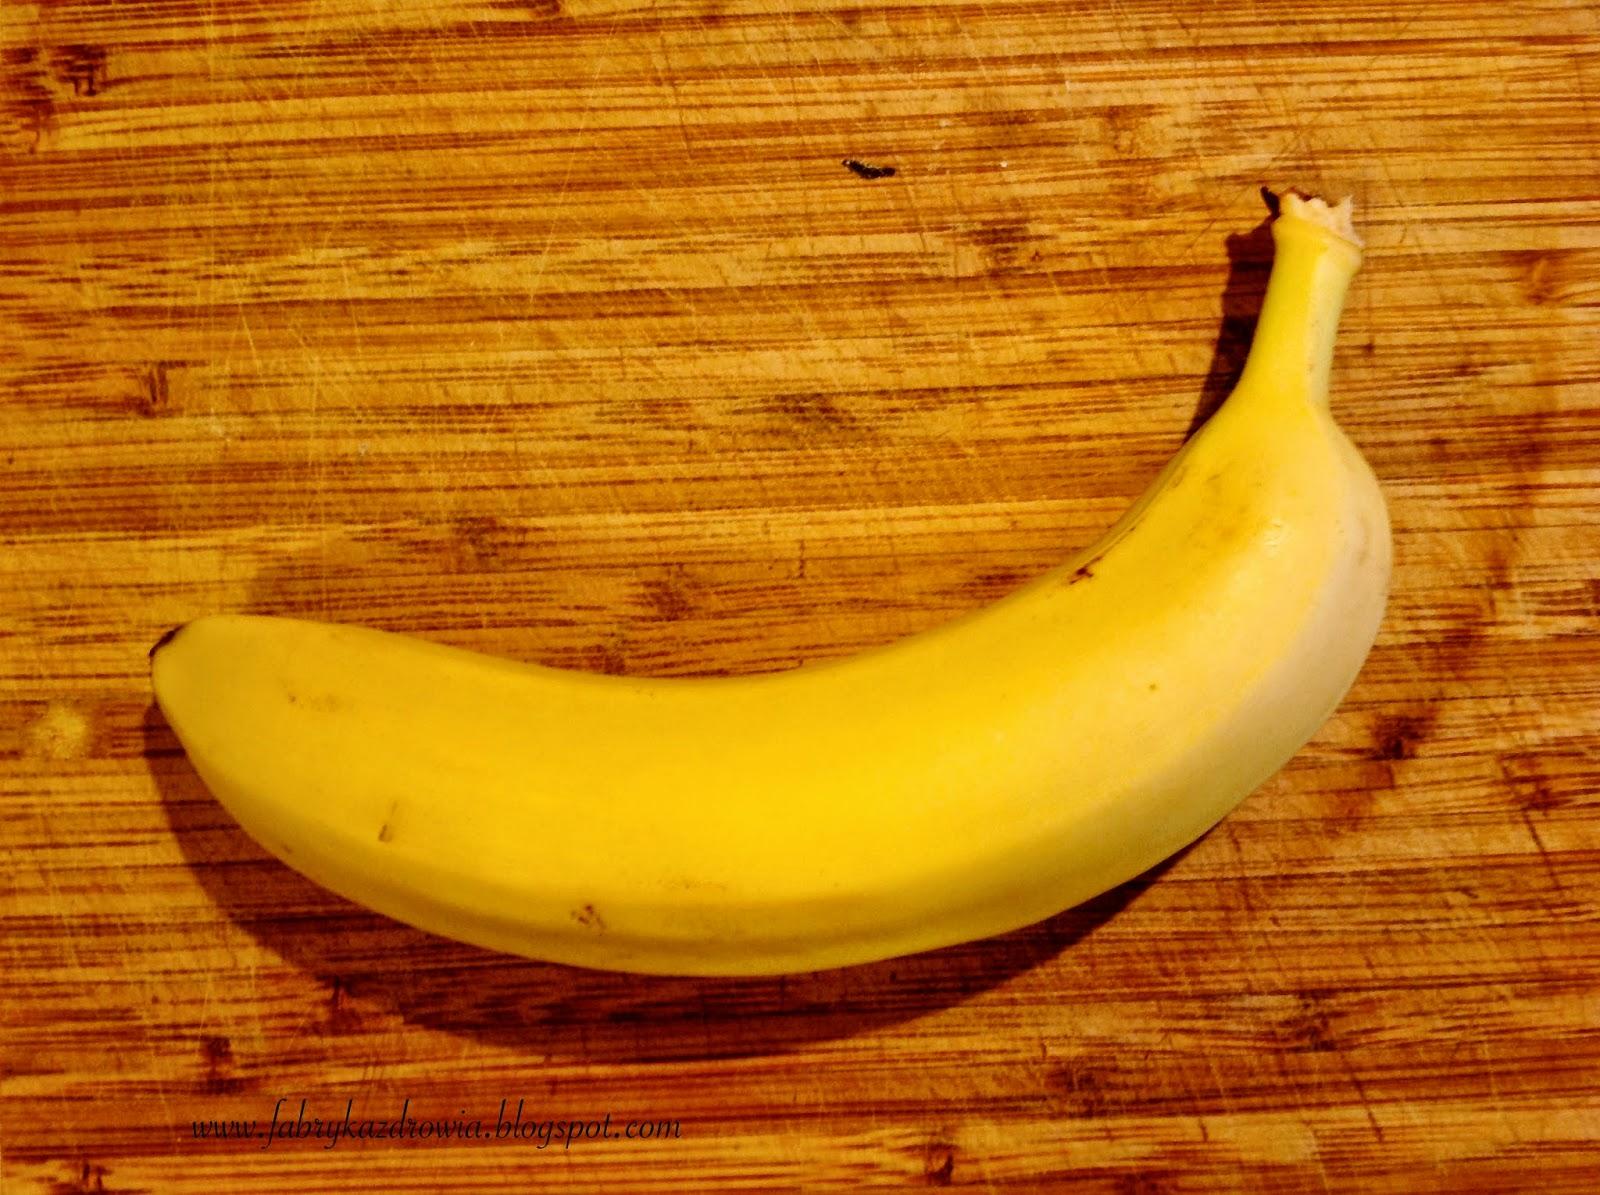 100 produktów, które musisz mieć w domu #14 – banany i węglowodany nie tuczą!